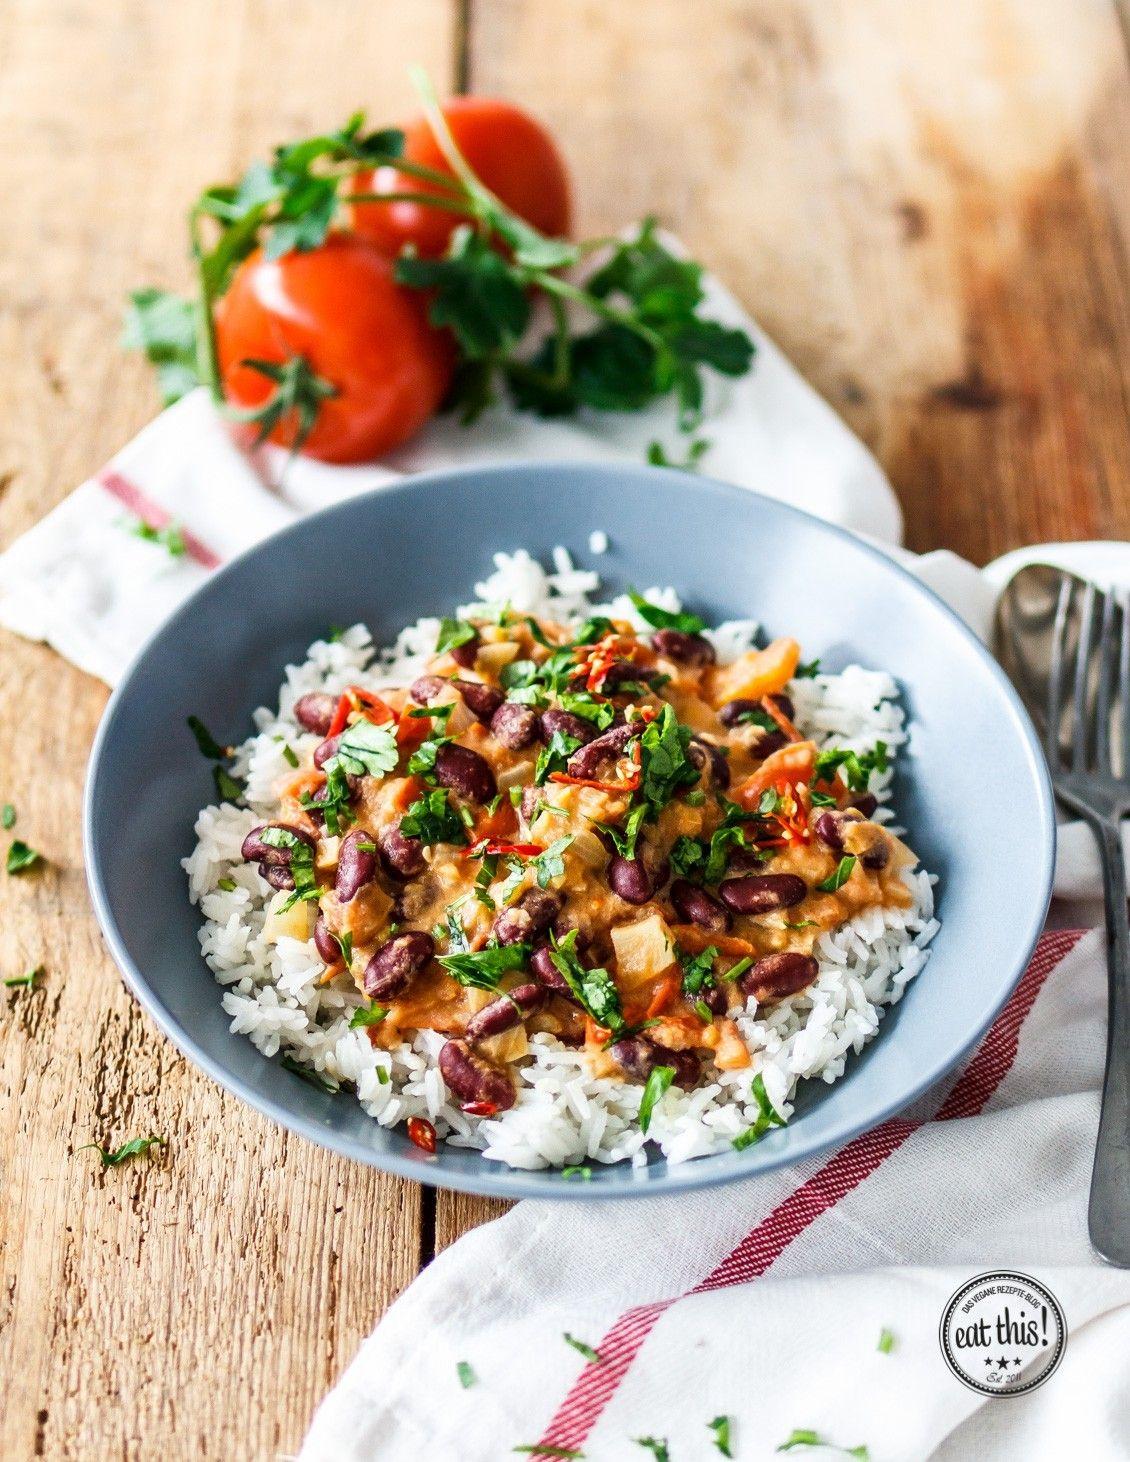 Eat this kidneybohnen a la afrika legumes pinterest eat this kidneybohnen a la afrika forumfinder Images